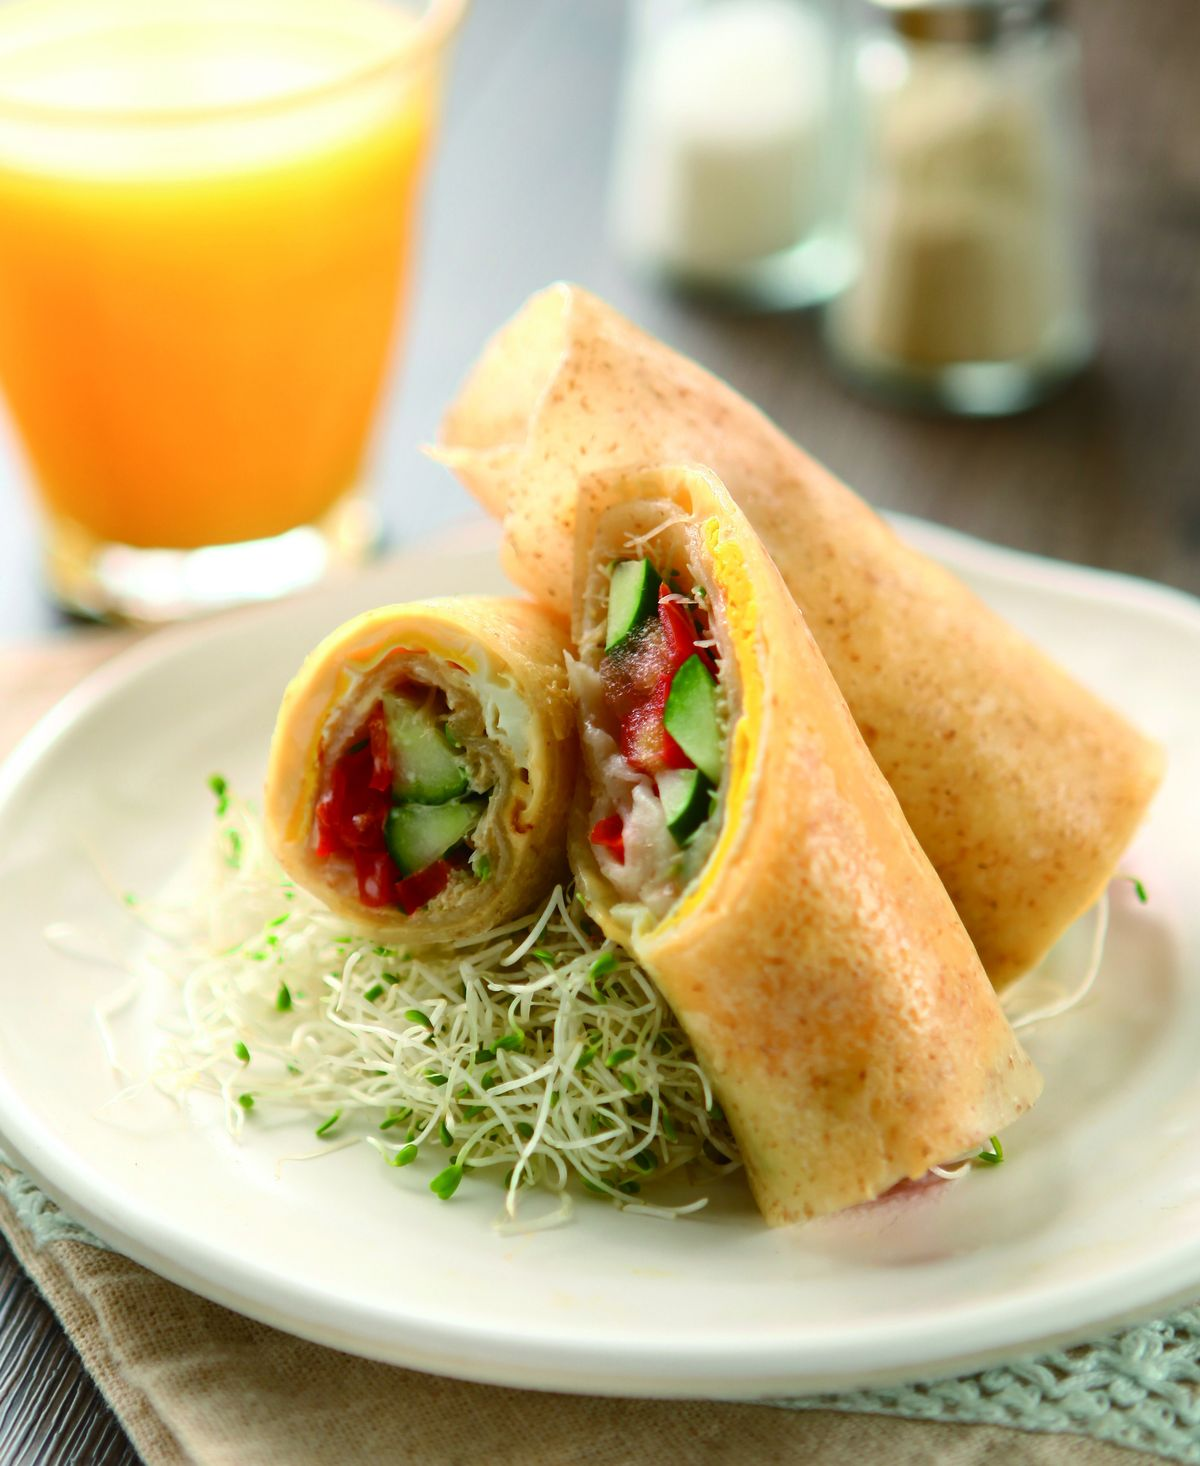 食譜:全麥苜蓿芽蔬菜卷